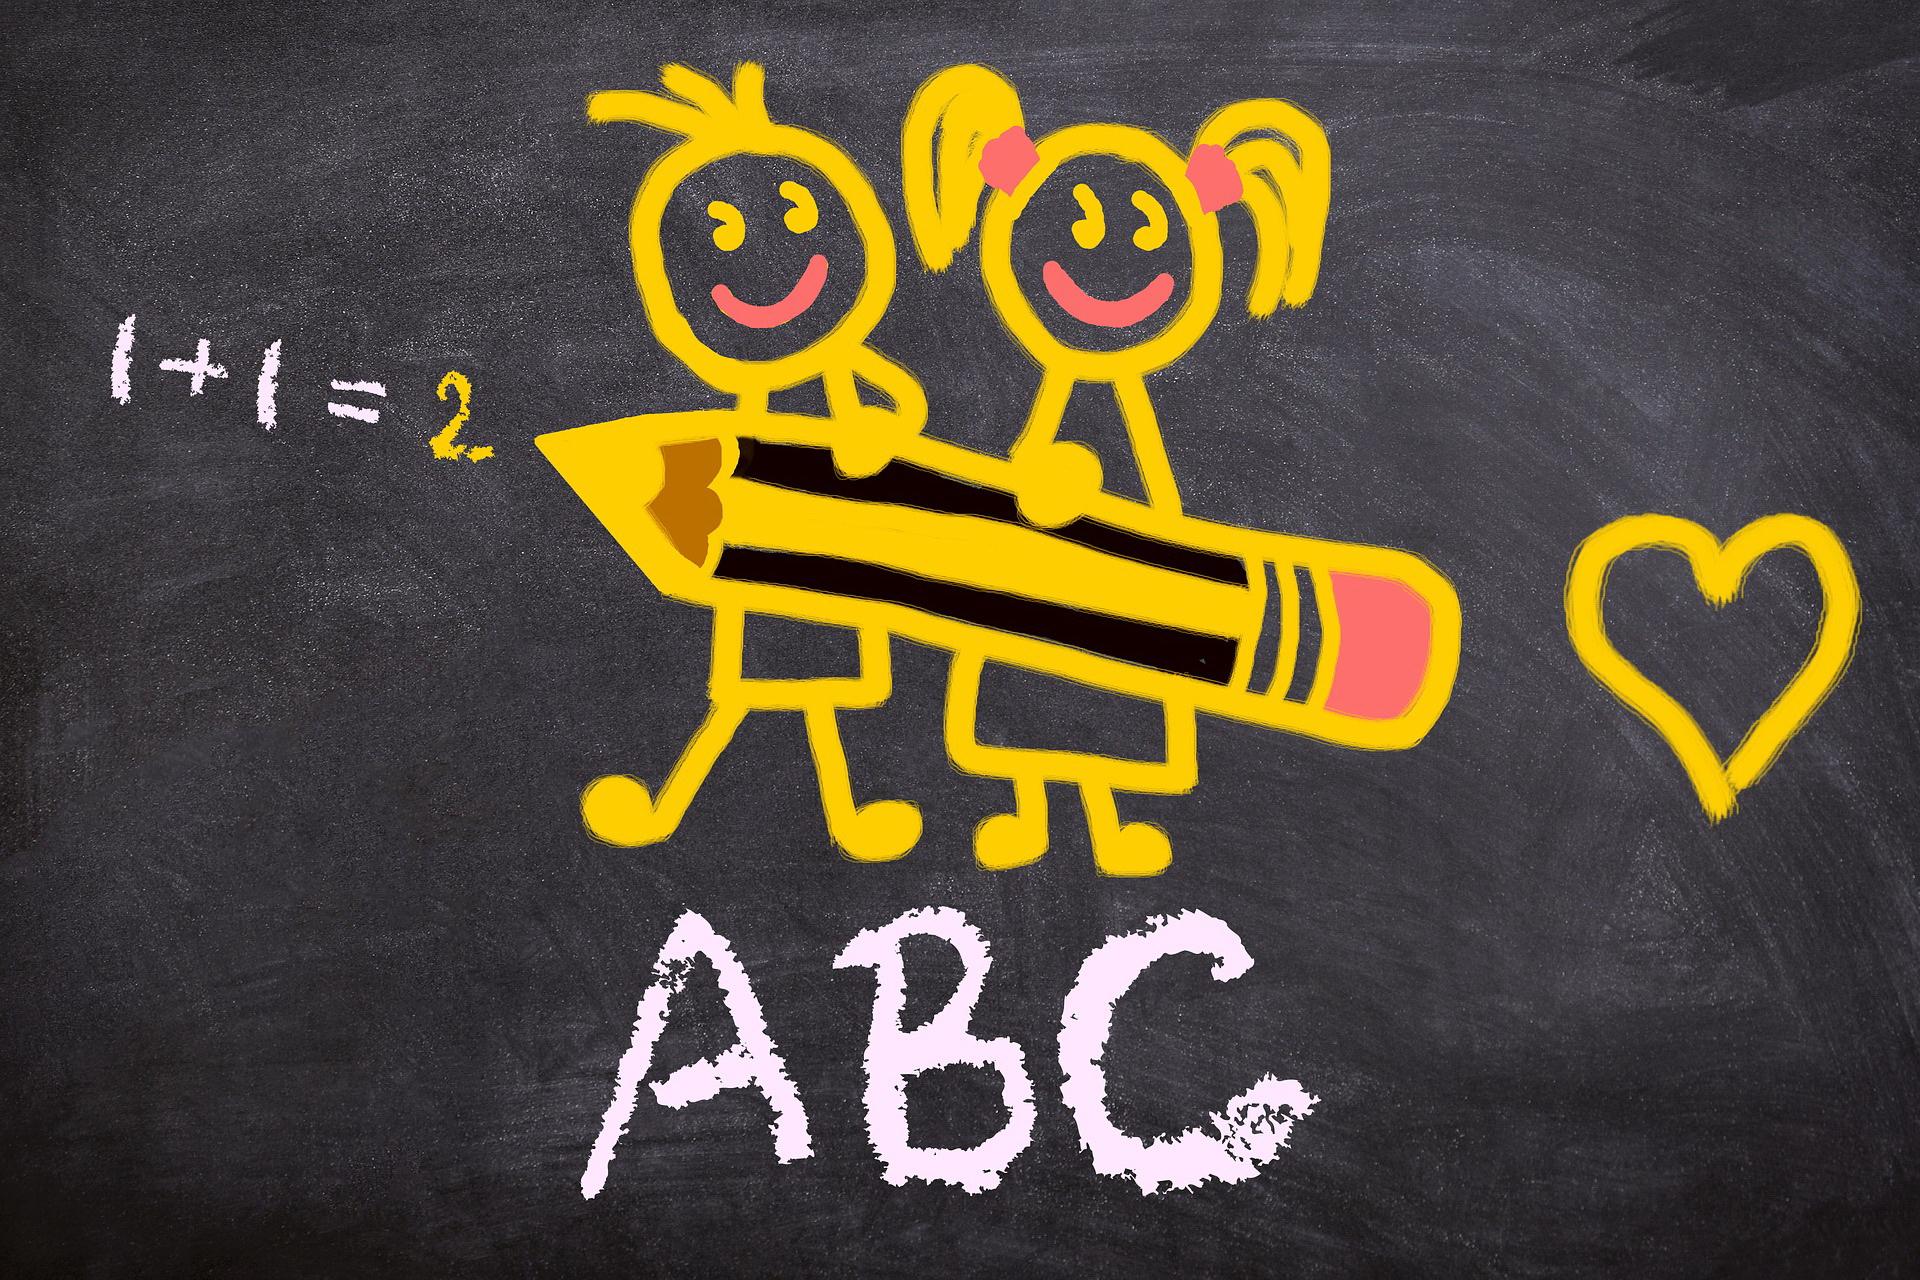 tablica zagadki o szkole dla dzieci z odpowiedziami